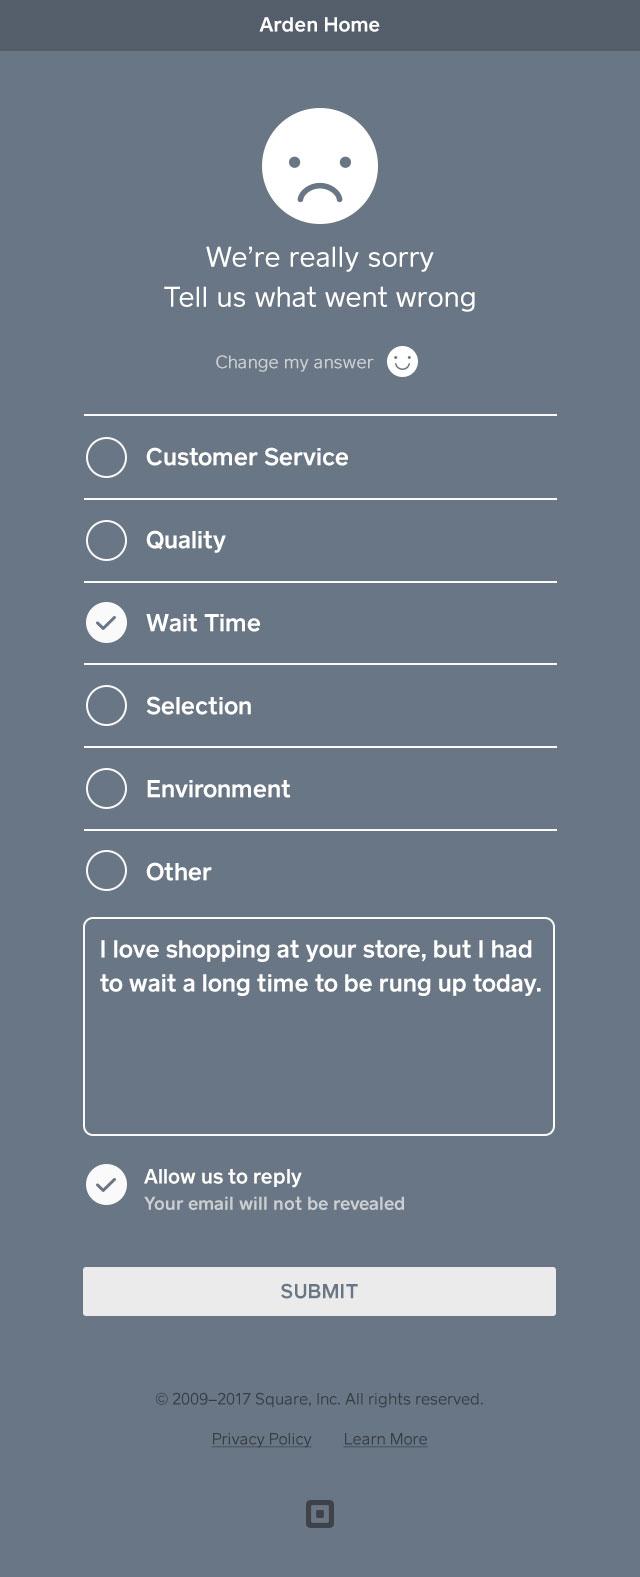 brindar comentarios adicionales sobre la experiencia con el comerciante